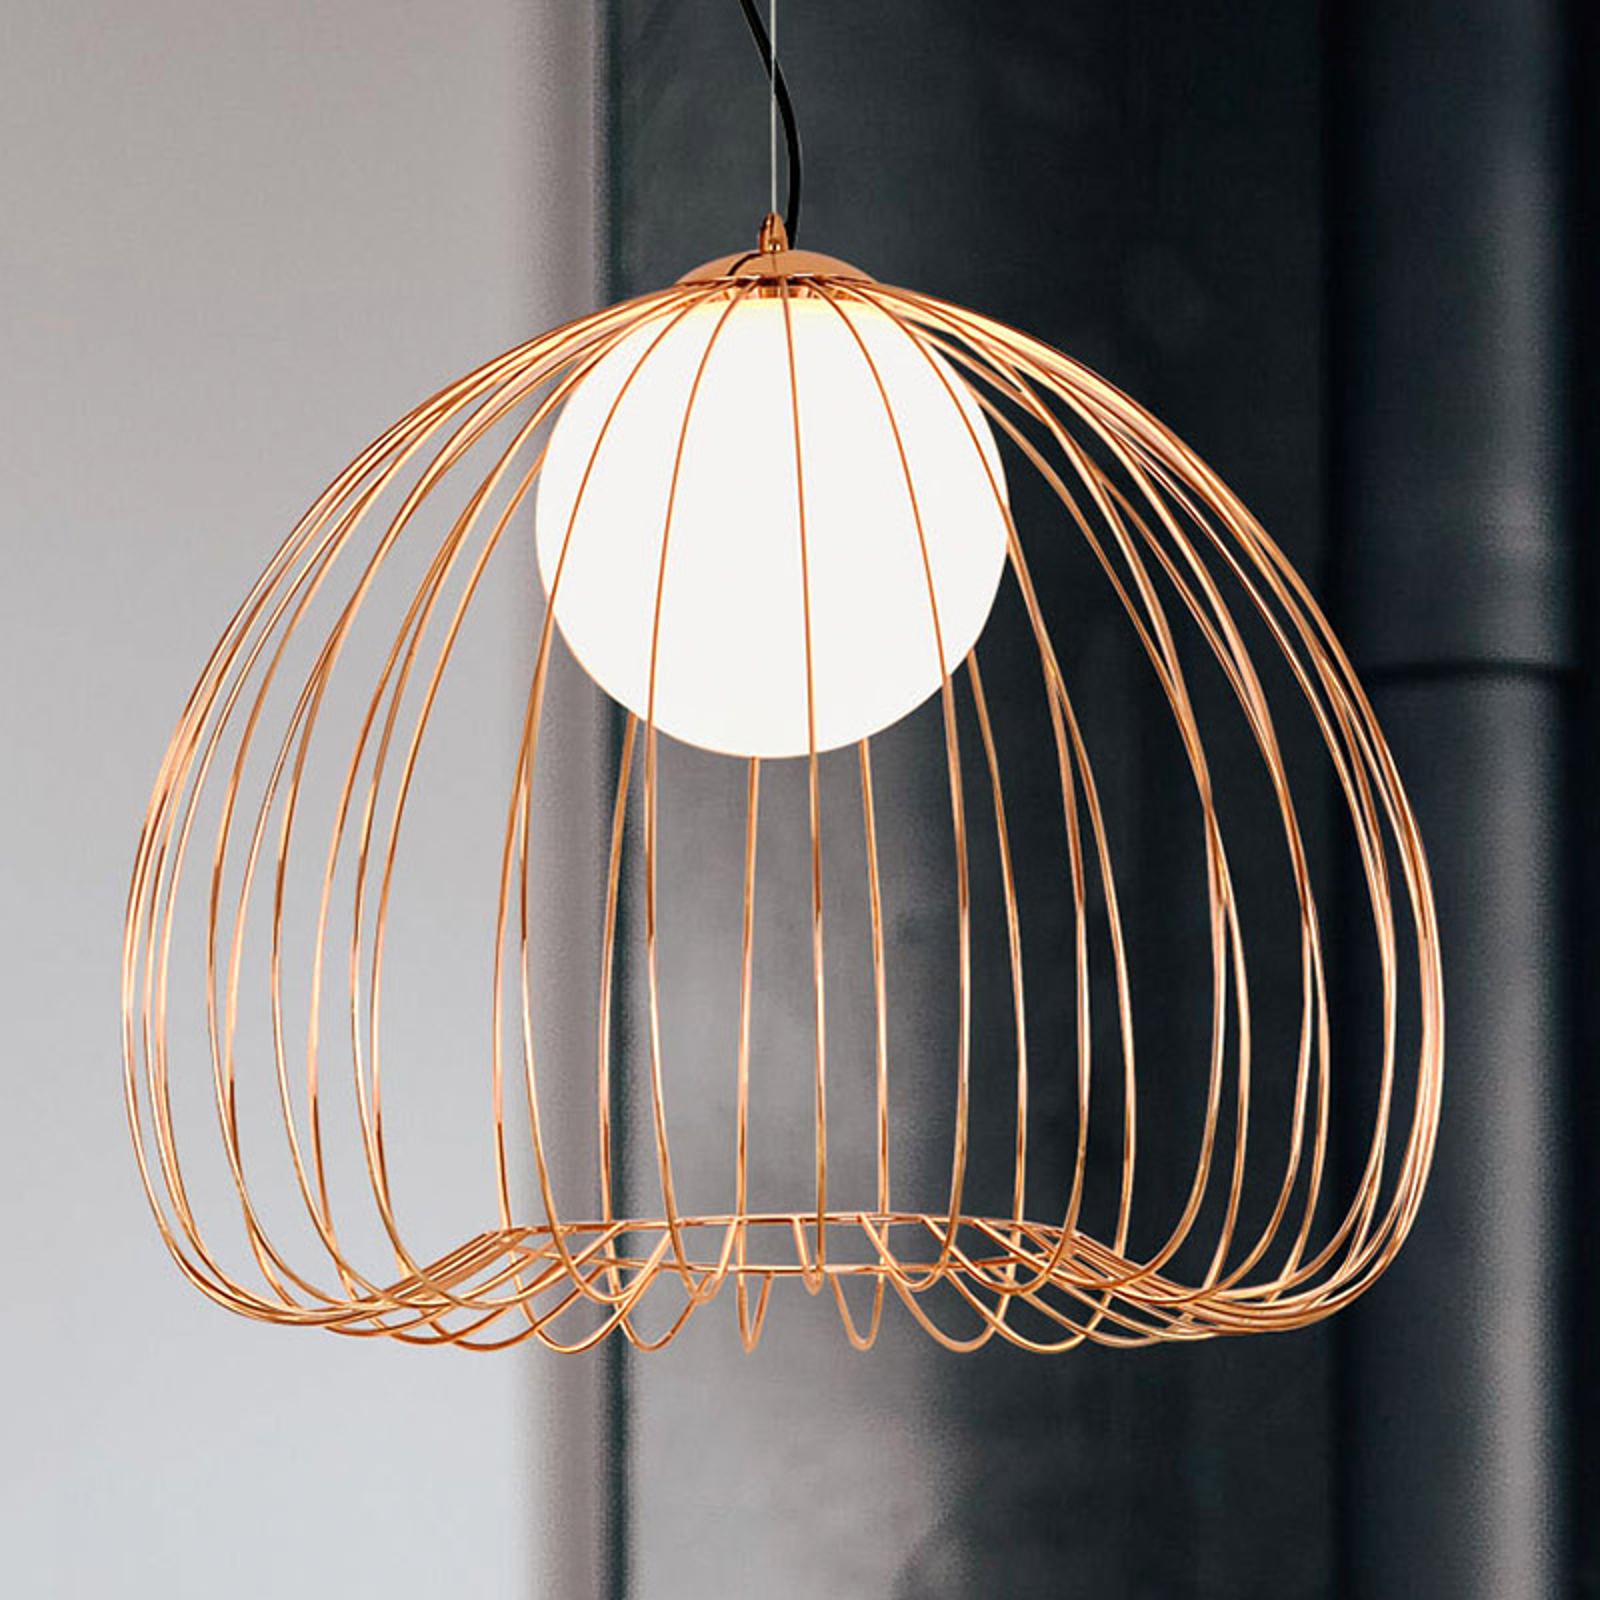 Lampa wisząca Levik ze złotą klatką Ø 38 cm